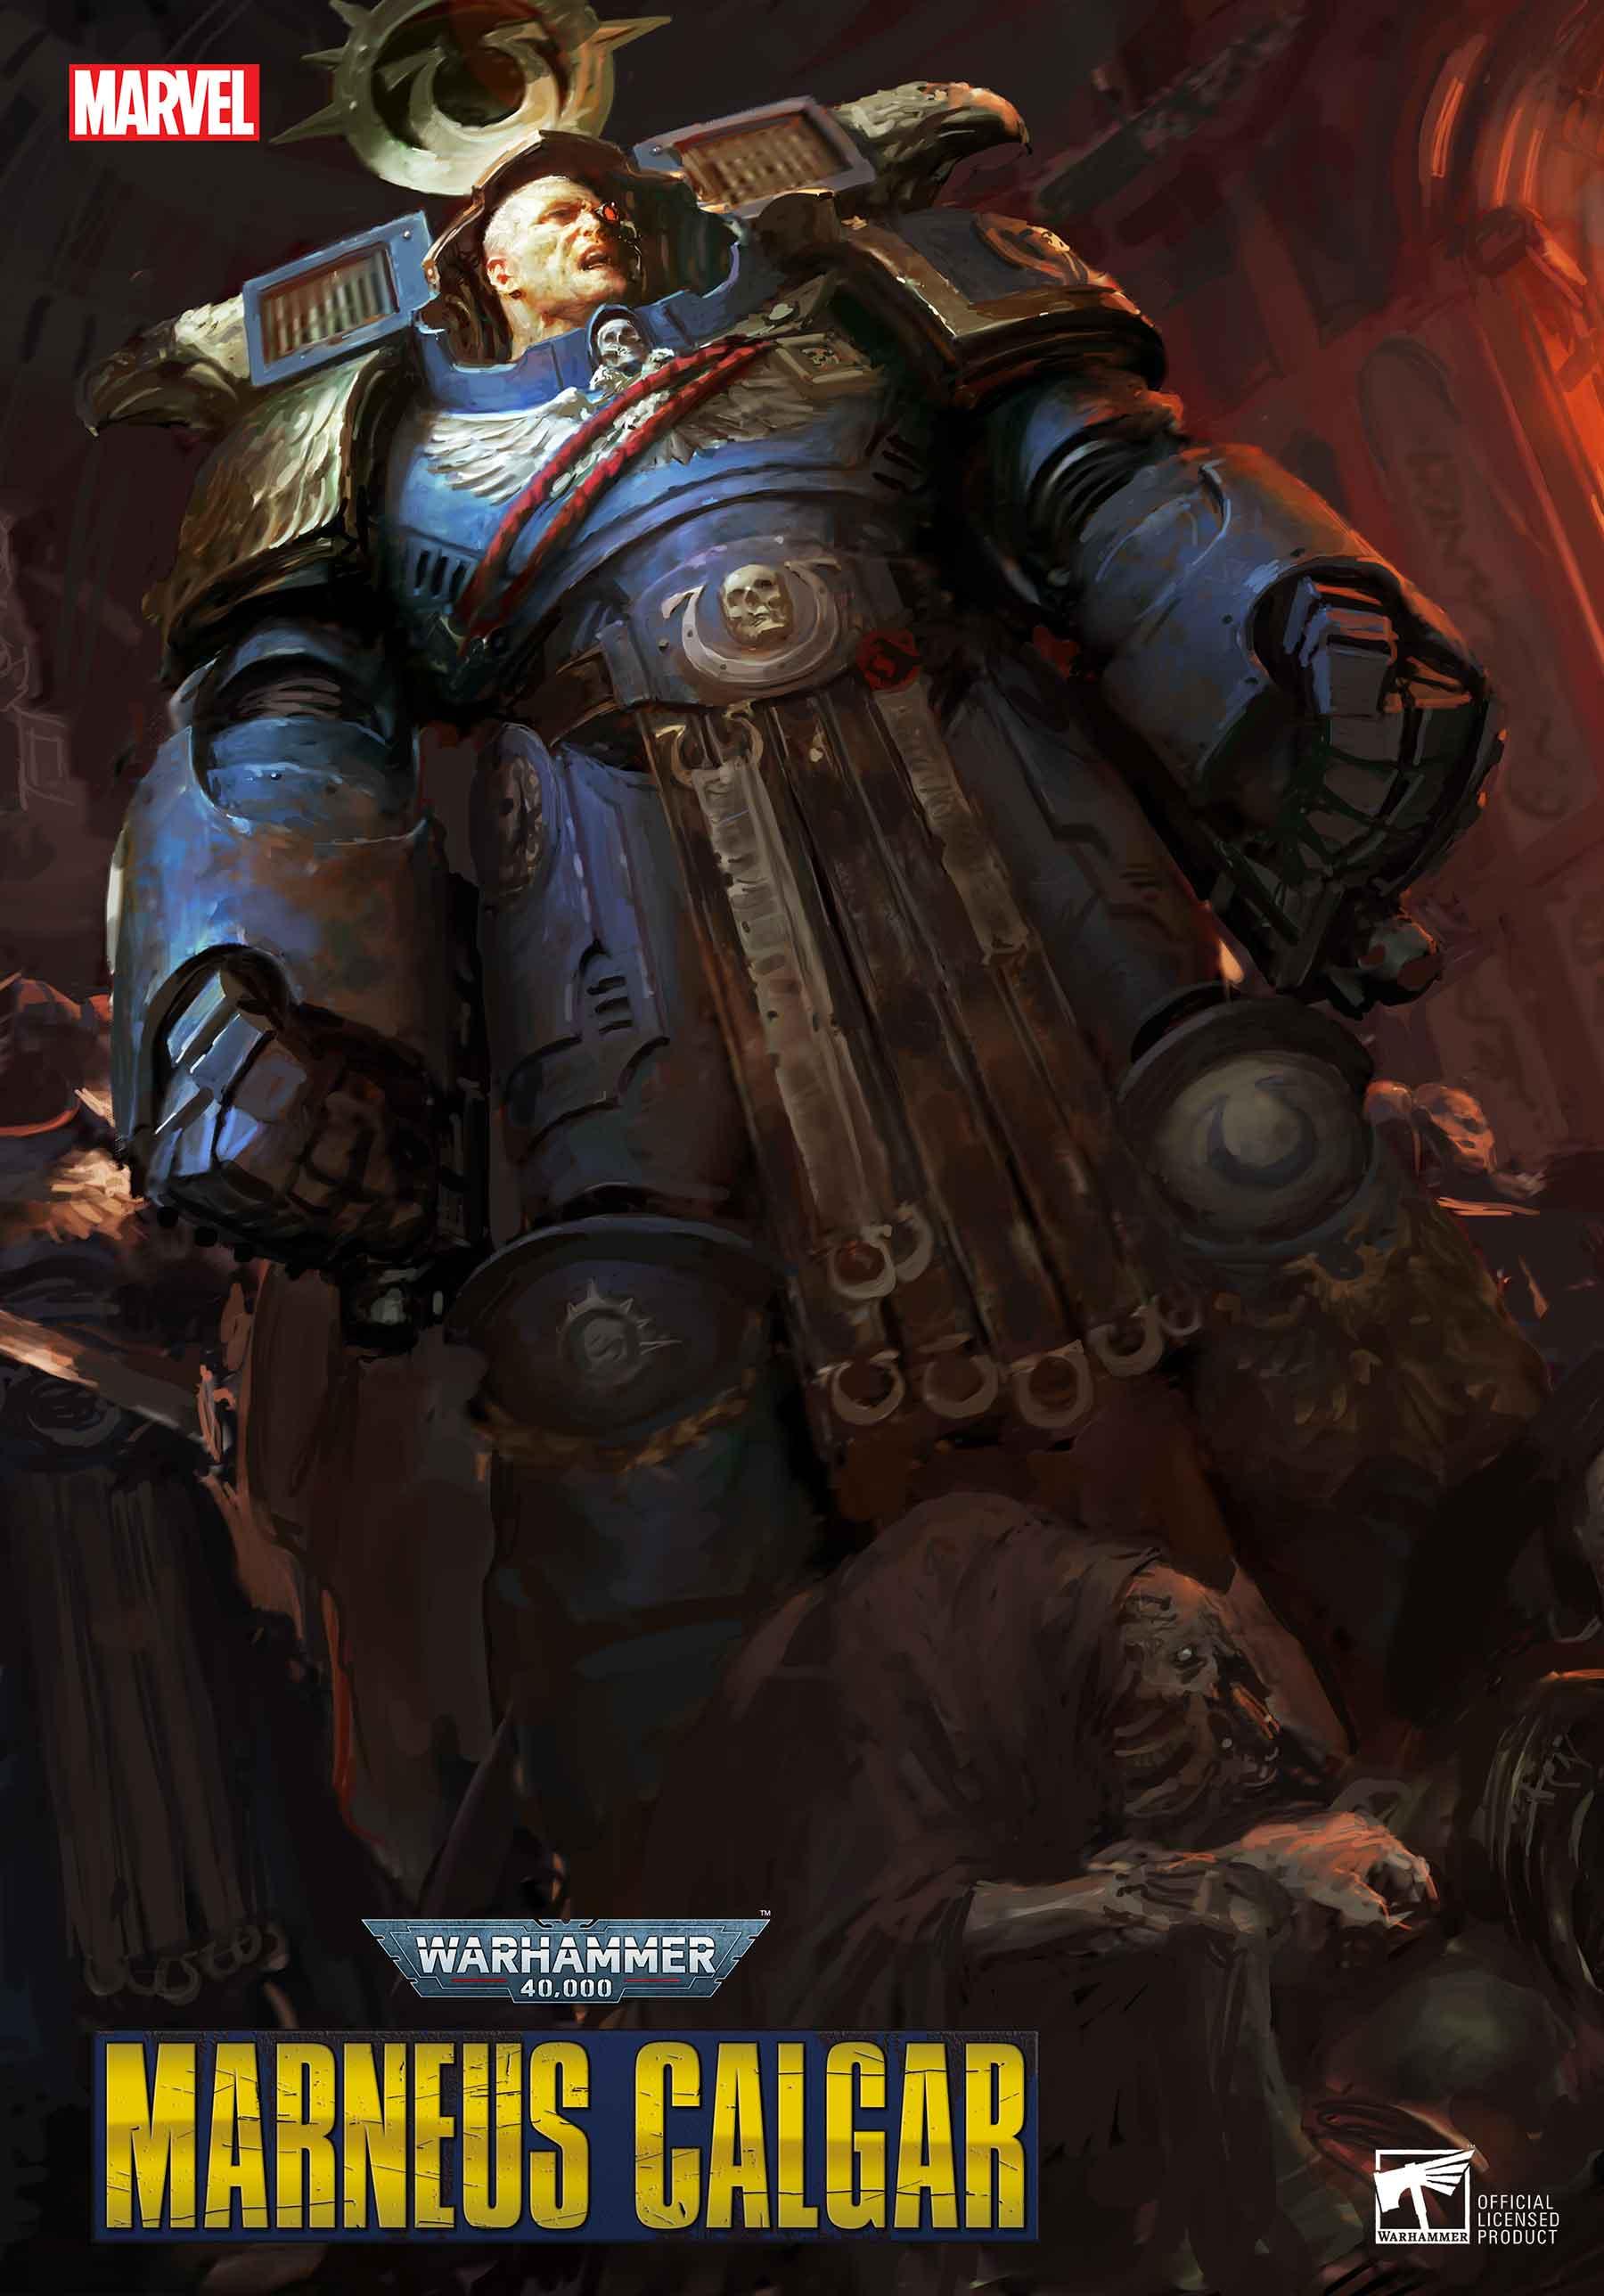 Warhammer 40,000: Marneus Calgar (2020) #1 (Variant)